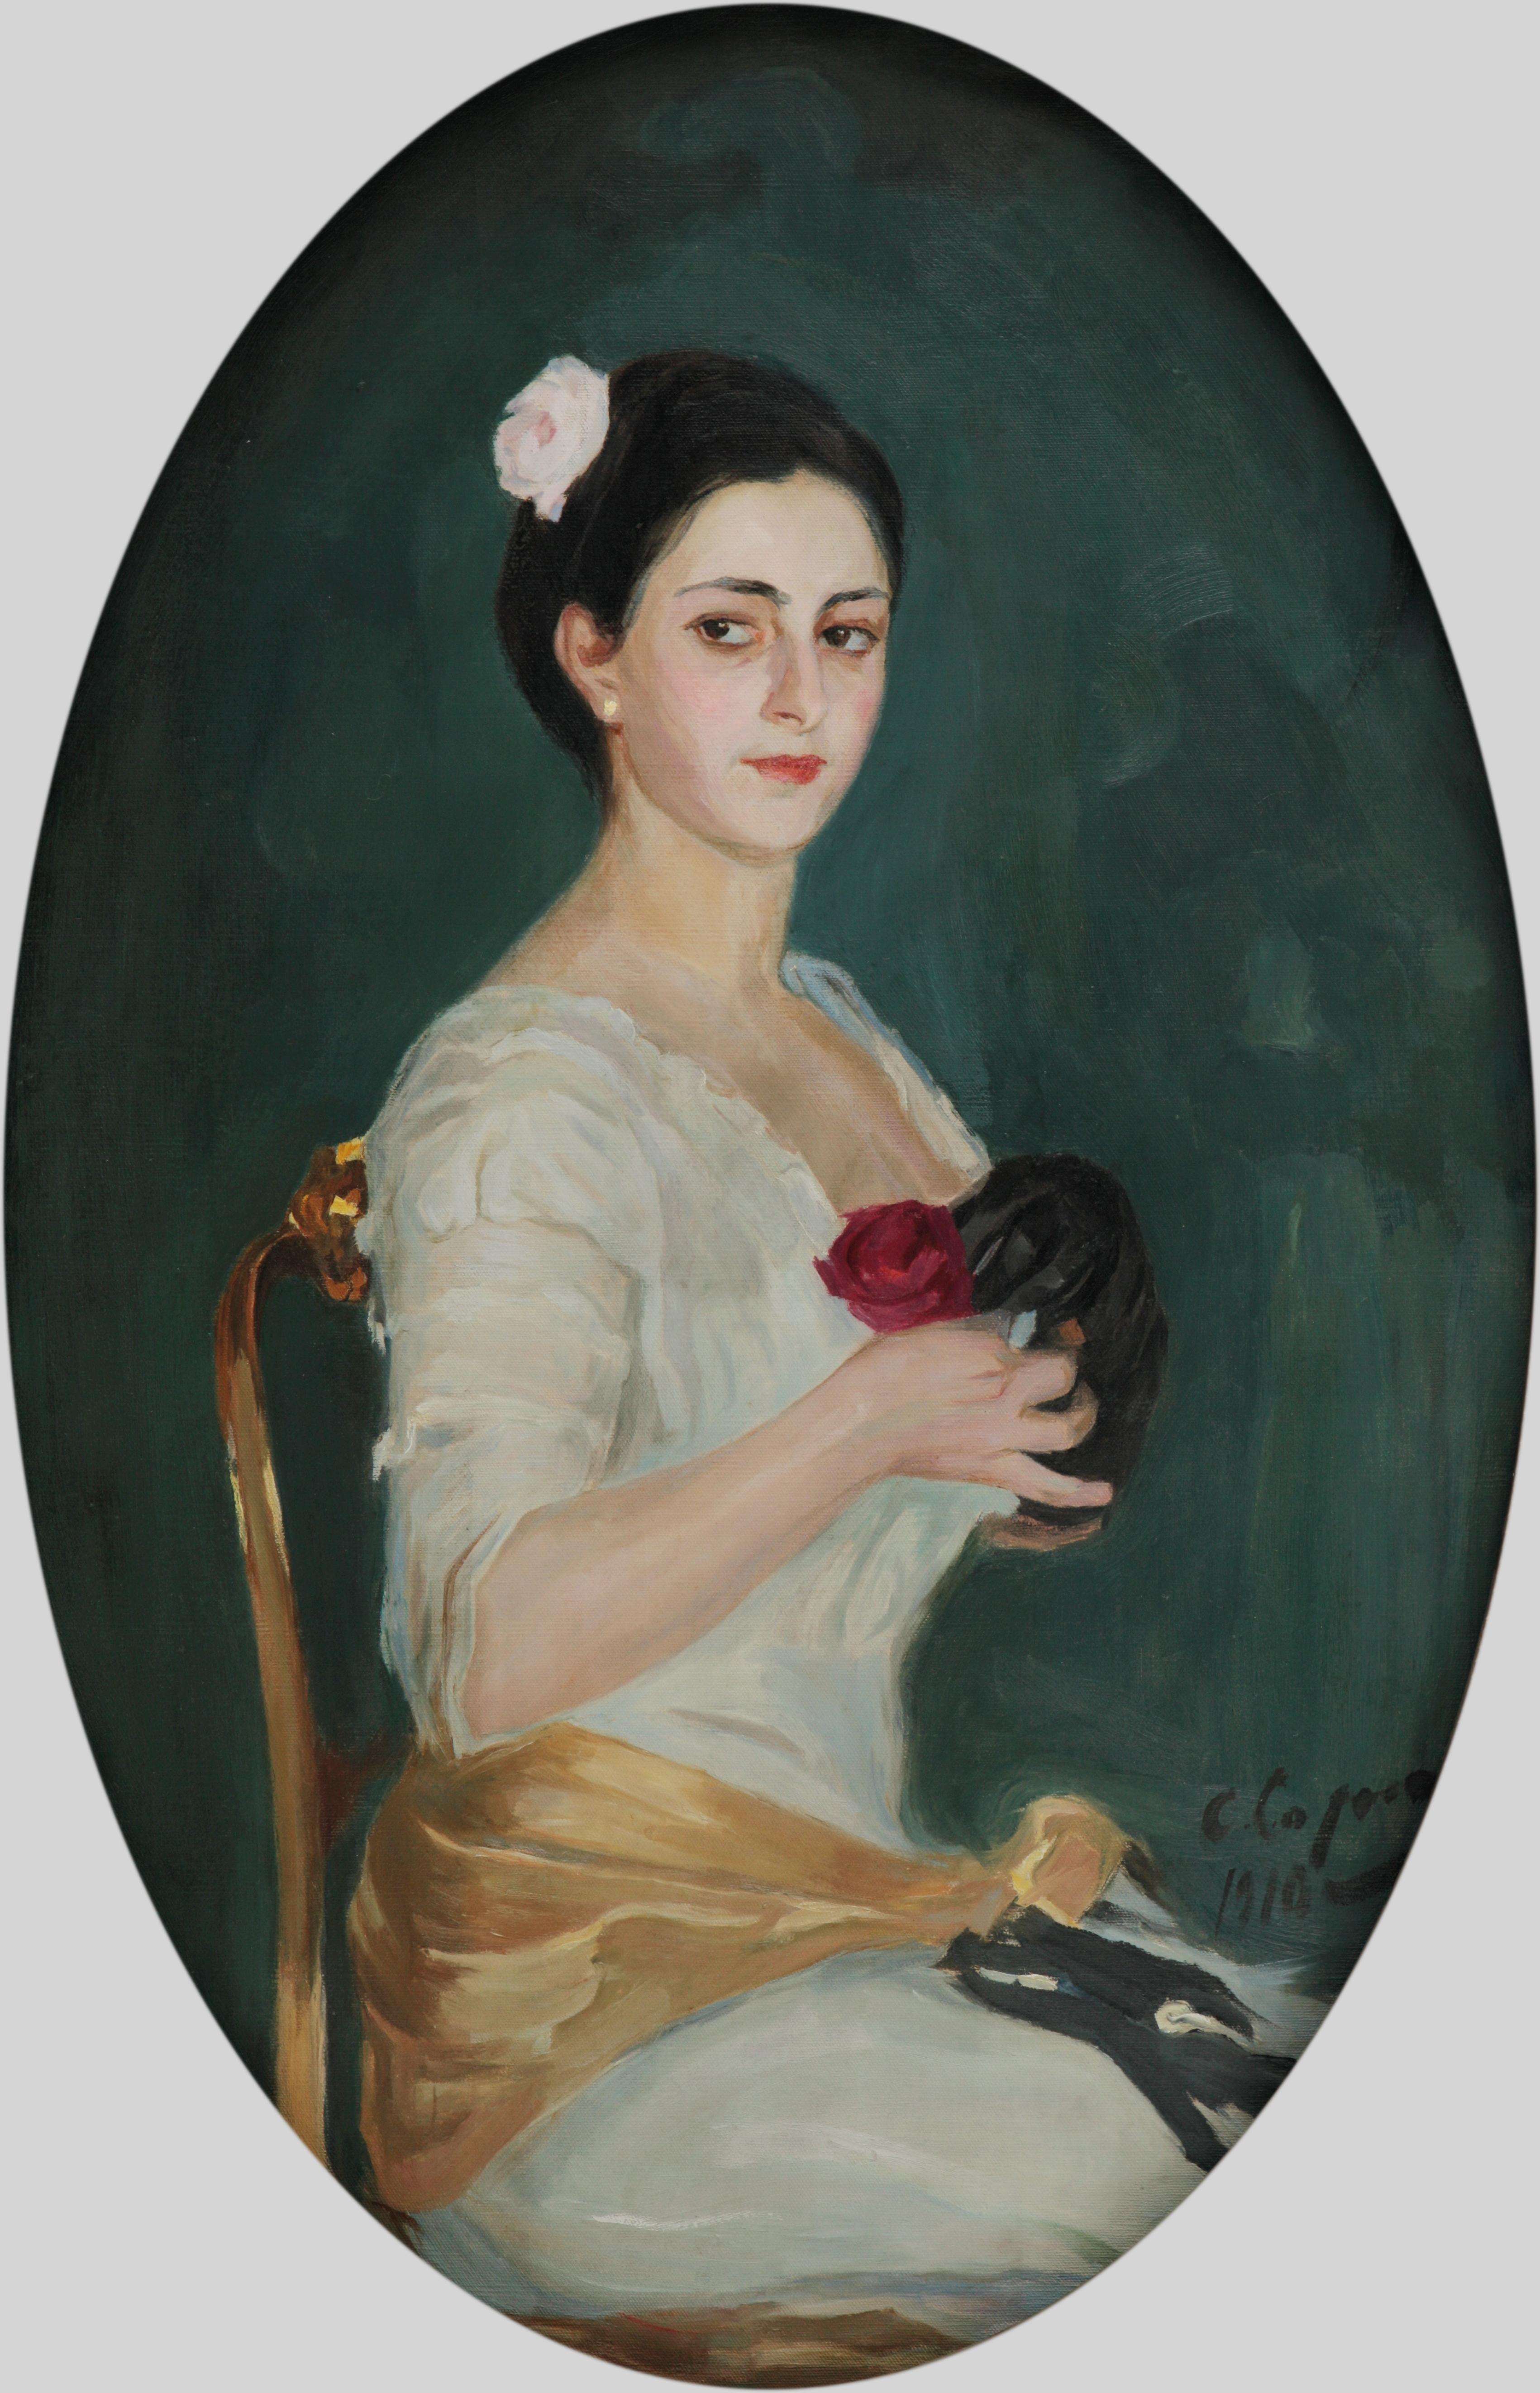 Портрет женщины с розами  1910 х.м. 106Х70 (овал) Картина из корпоративной коллекции Белгазпромбанка приобретена у частного коллекционера в СПб.